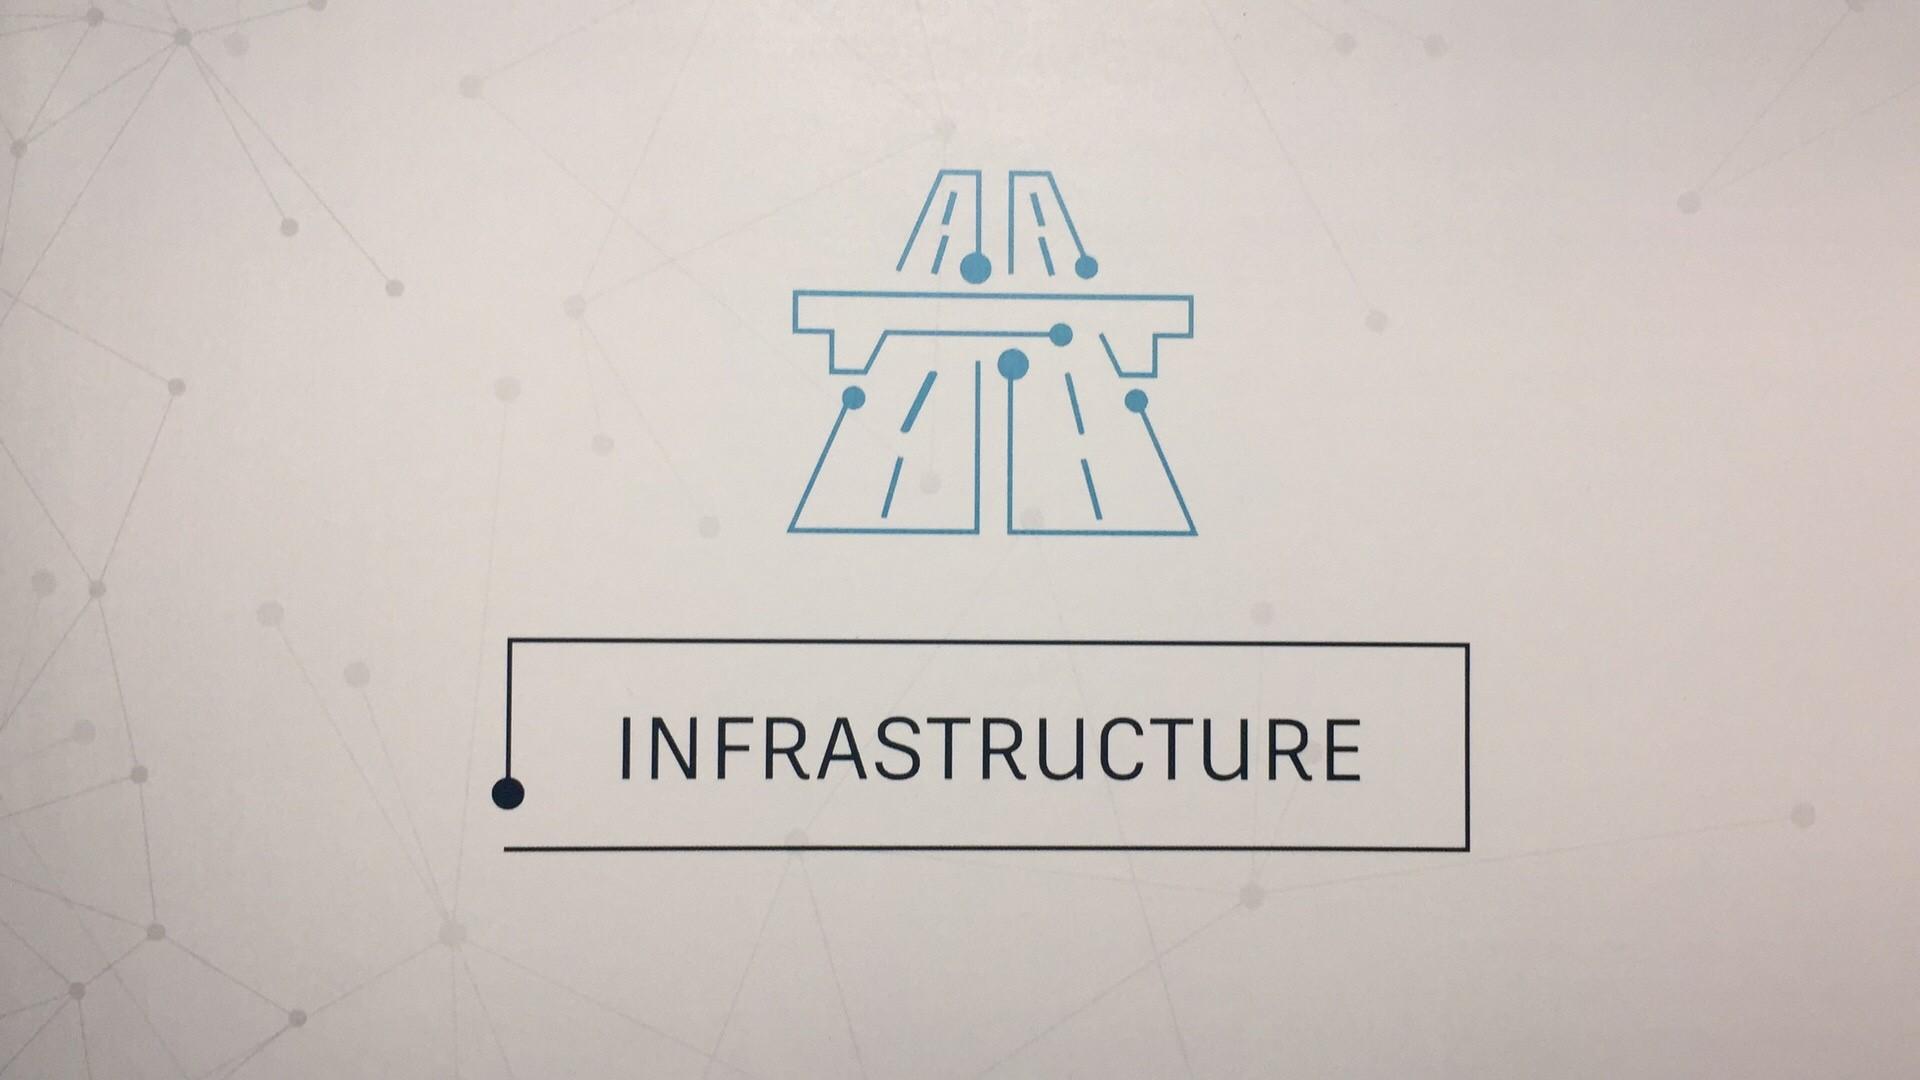 首发:2016年AEC Global BIM Award 获奖作品一览- 基础设施篇